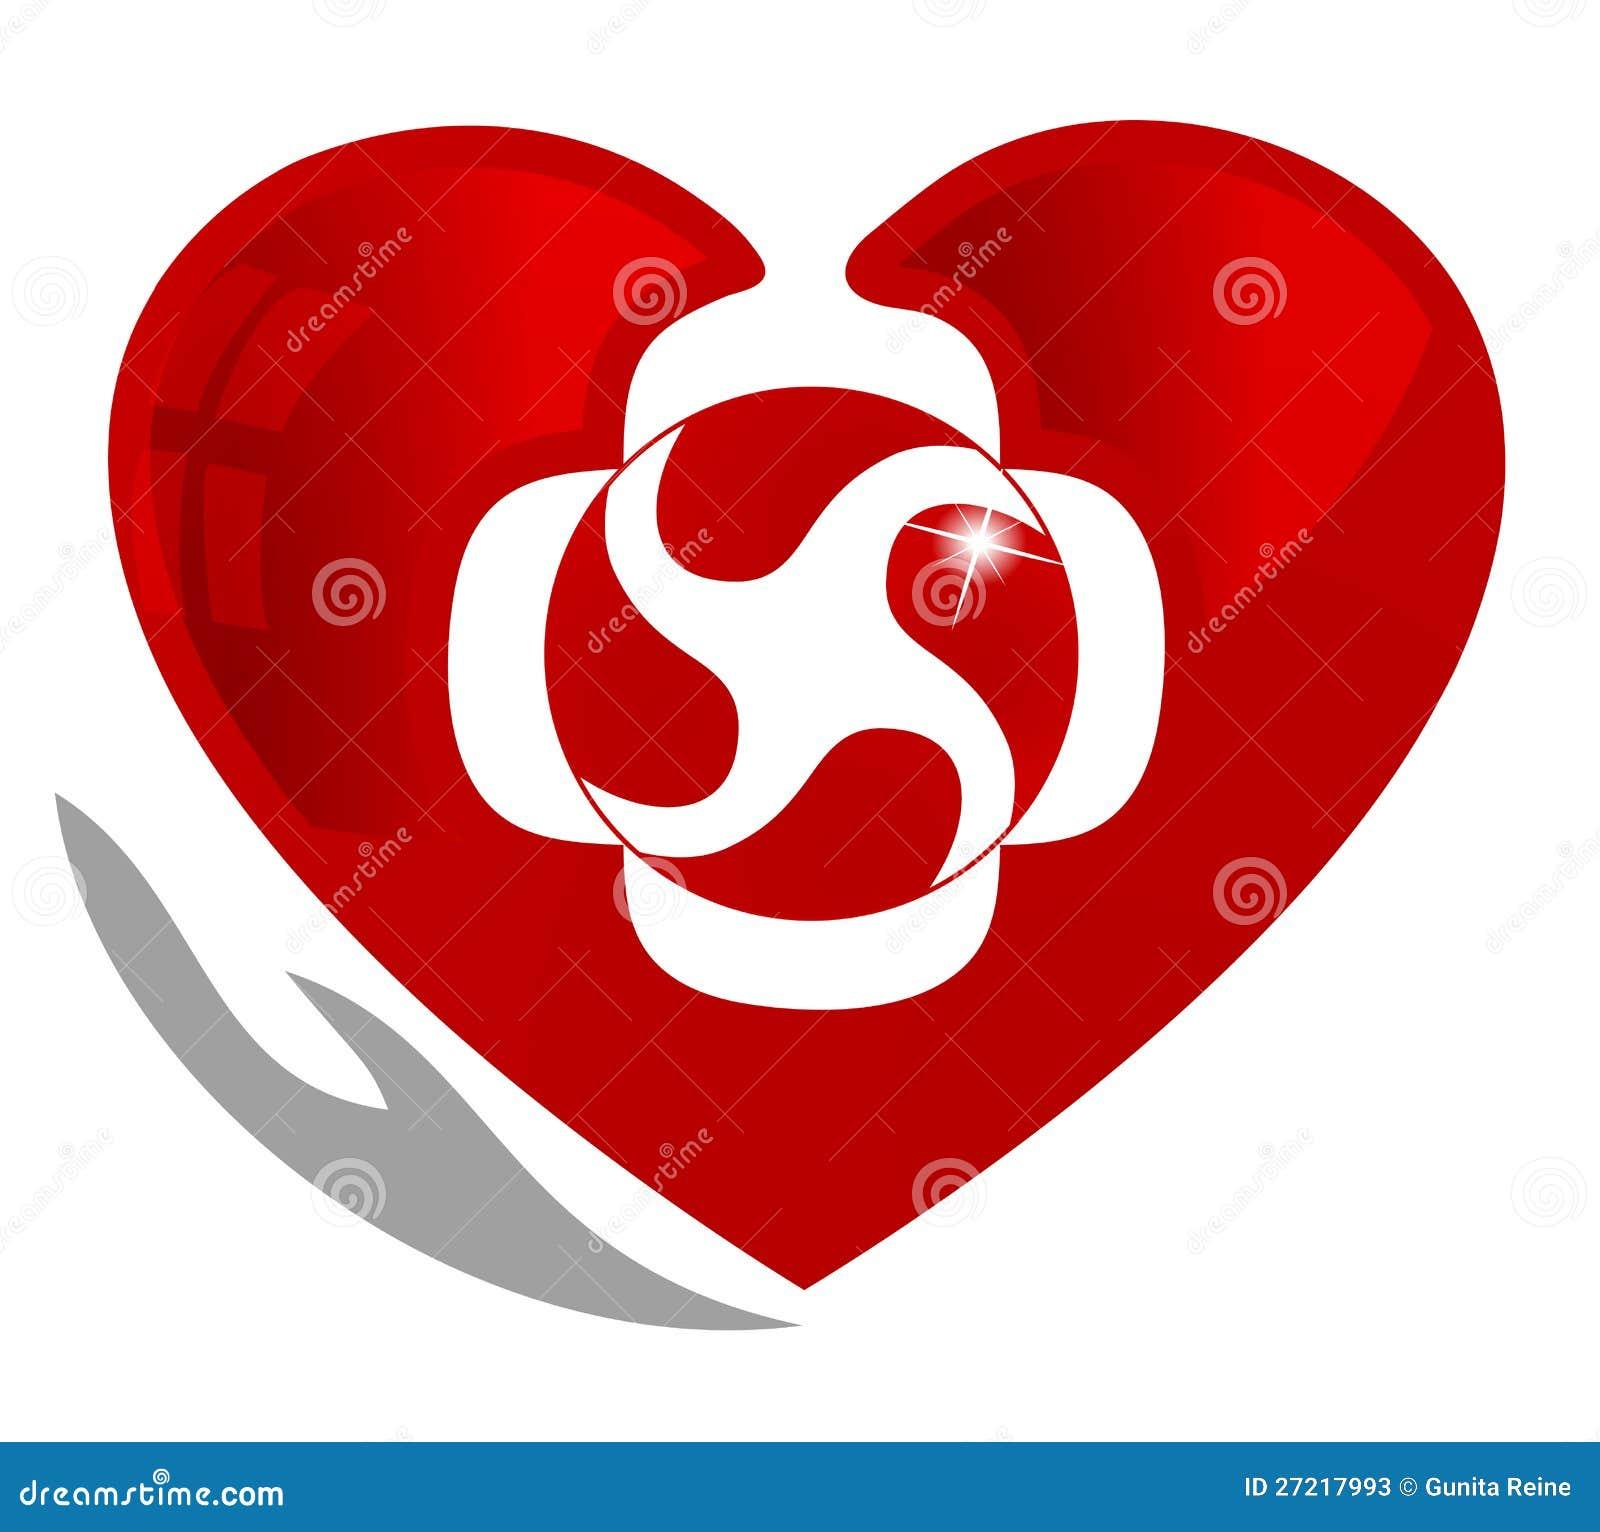 Blood Circulation Symbol Stock Photos - Image: 27217993